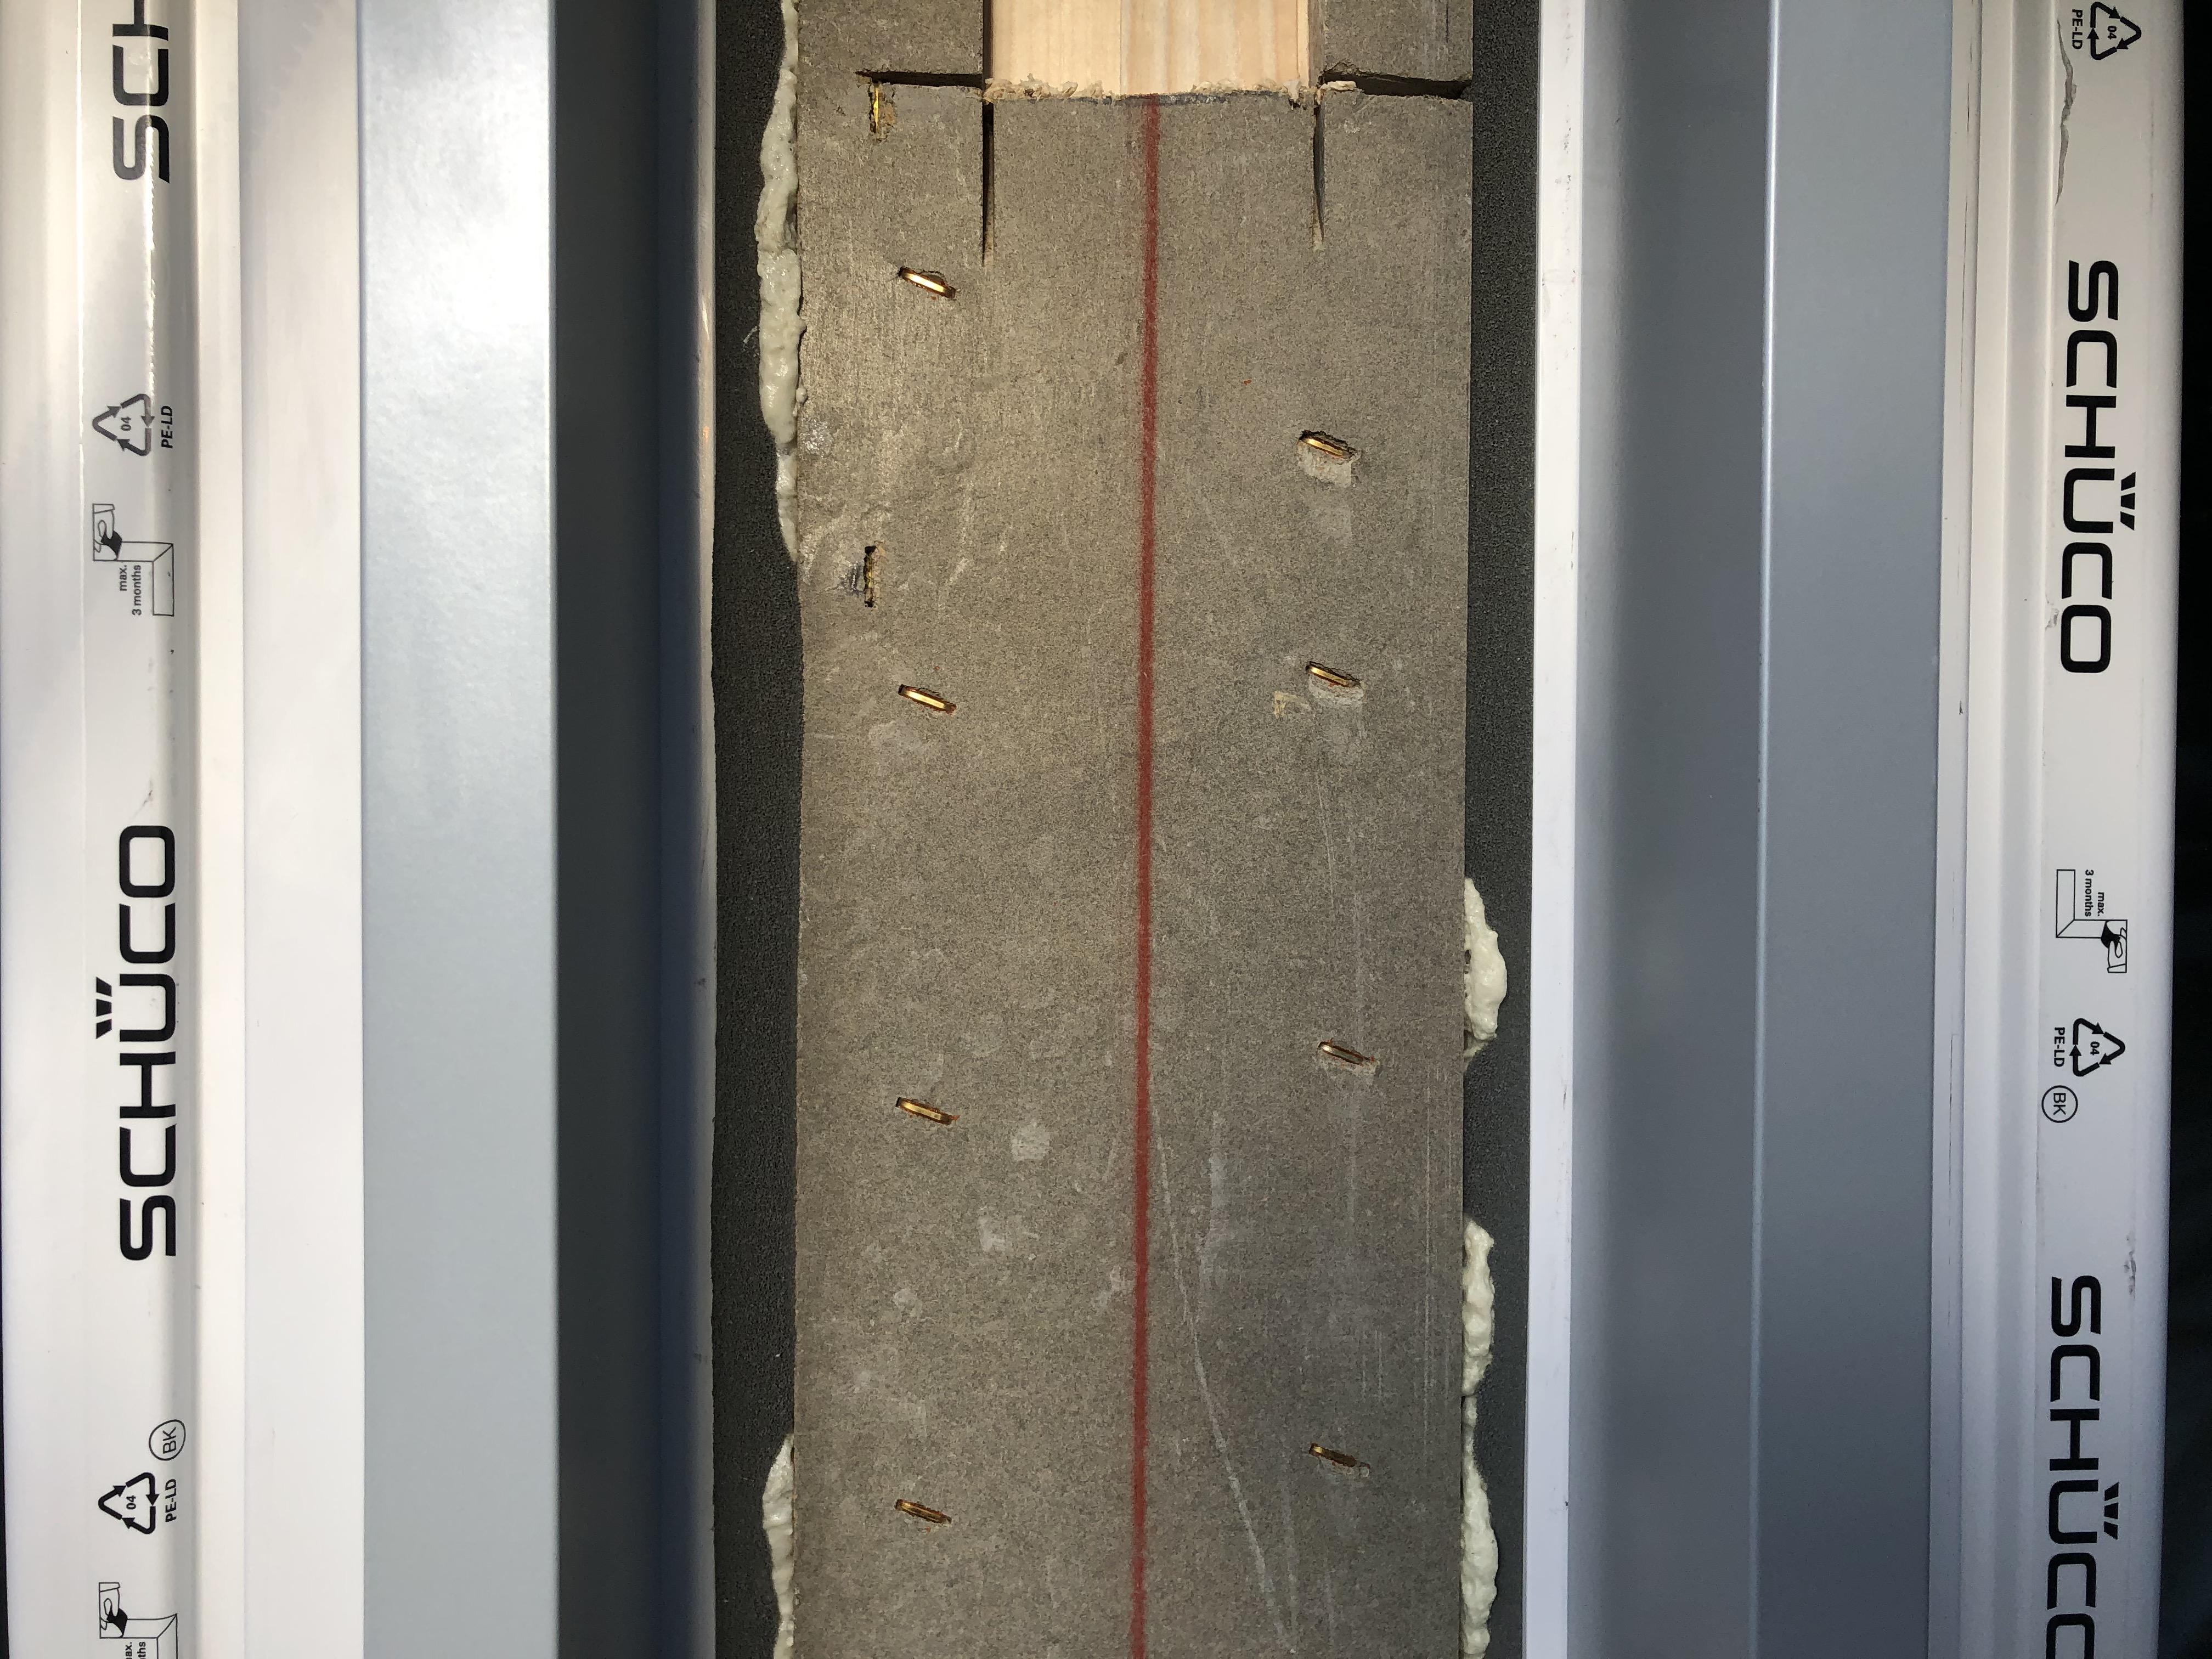 Dettaglio chiusura ermetica tra serramen